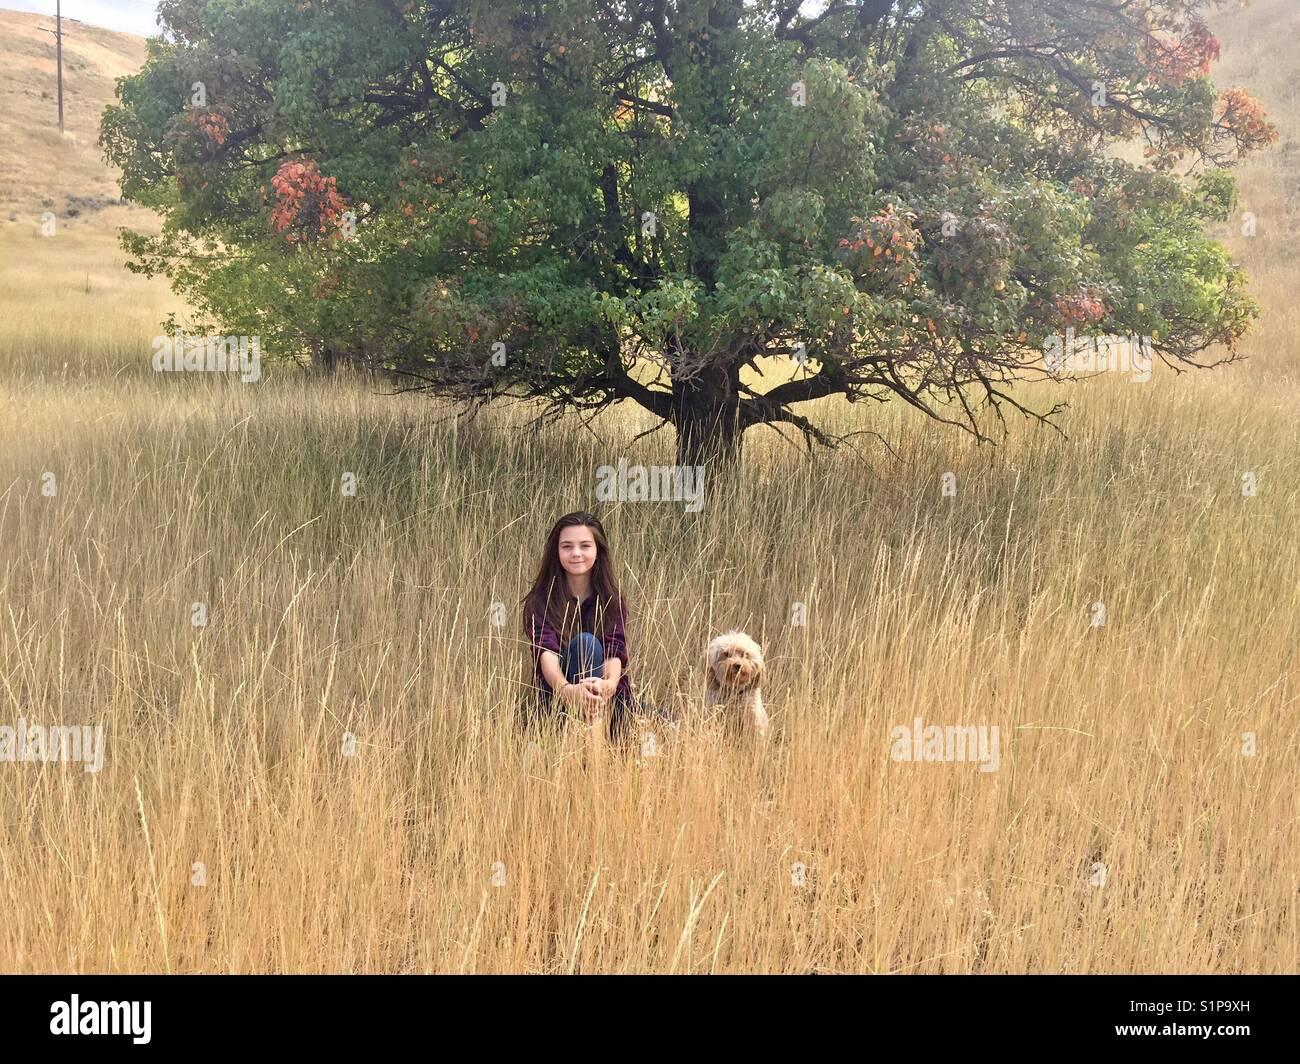 Ein Mädchen und ihre goldendoodle Welpen sitzen in einem Feld durch einen Baum mit bunten Blättern in Stockbild